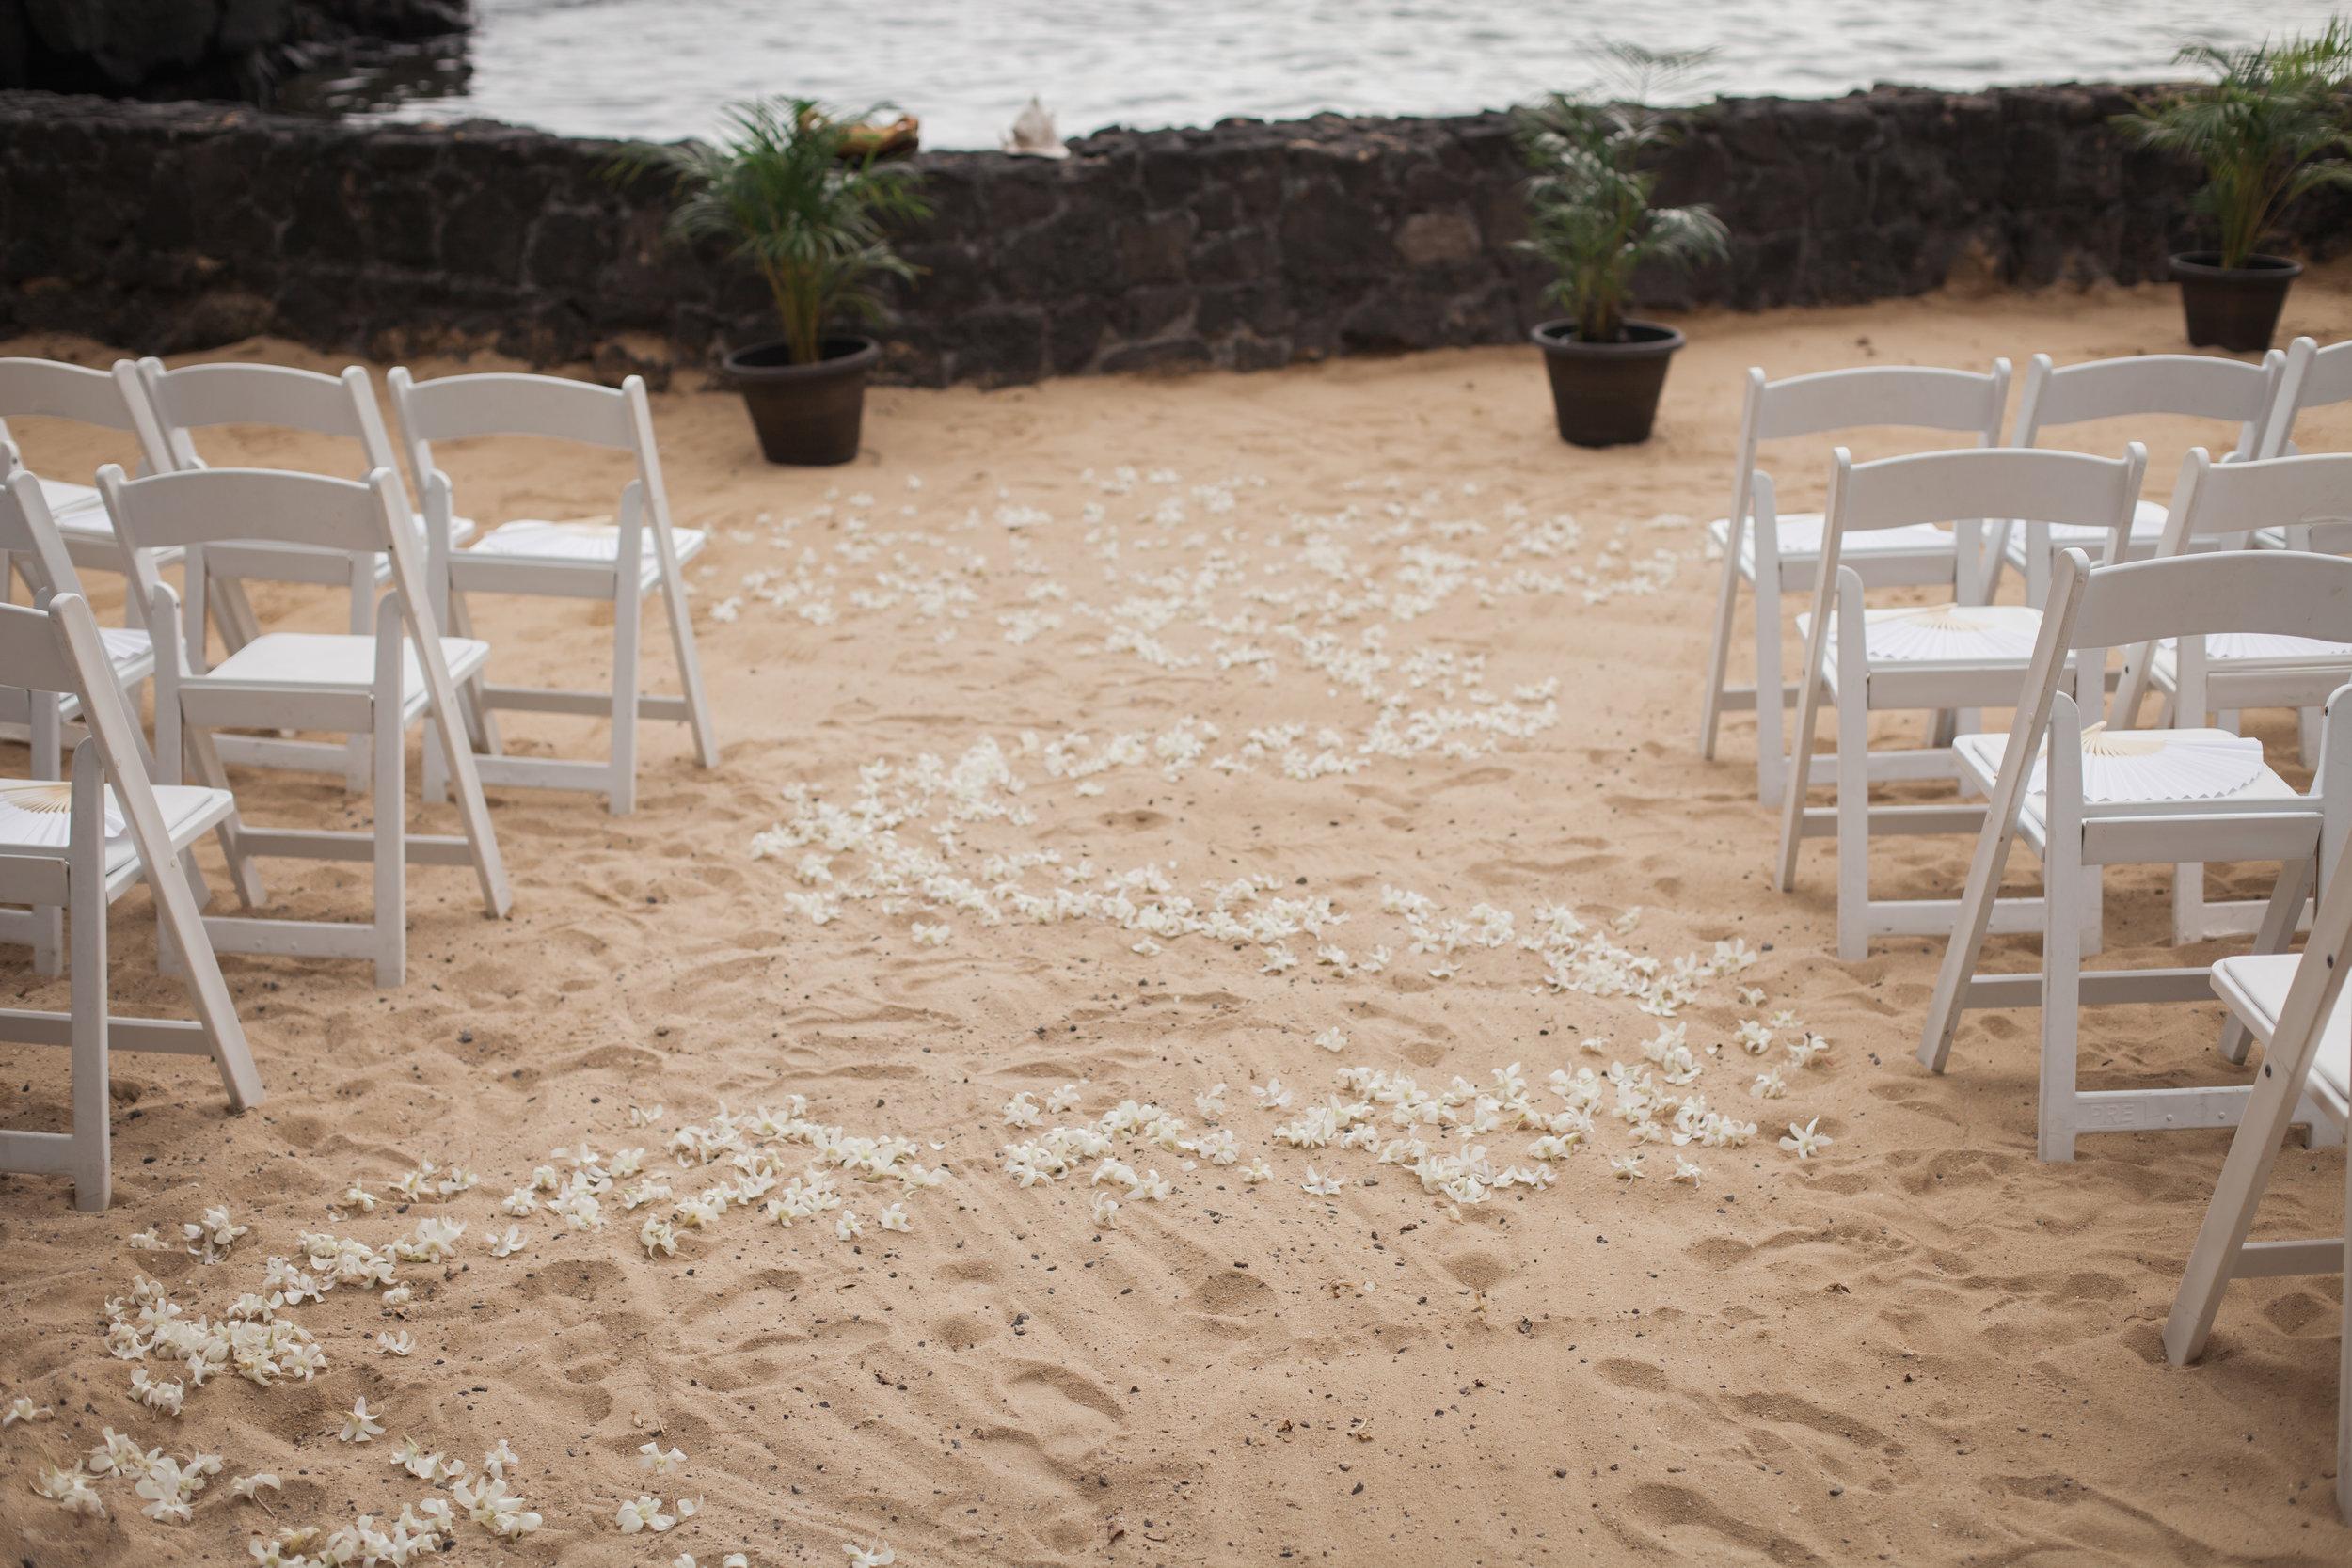 big island hawaii royal kona resort beach wedding © kelilina photography 20170520161812.jpg